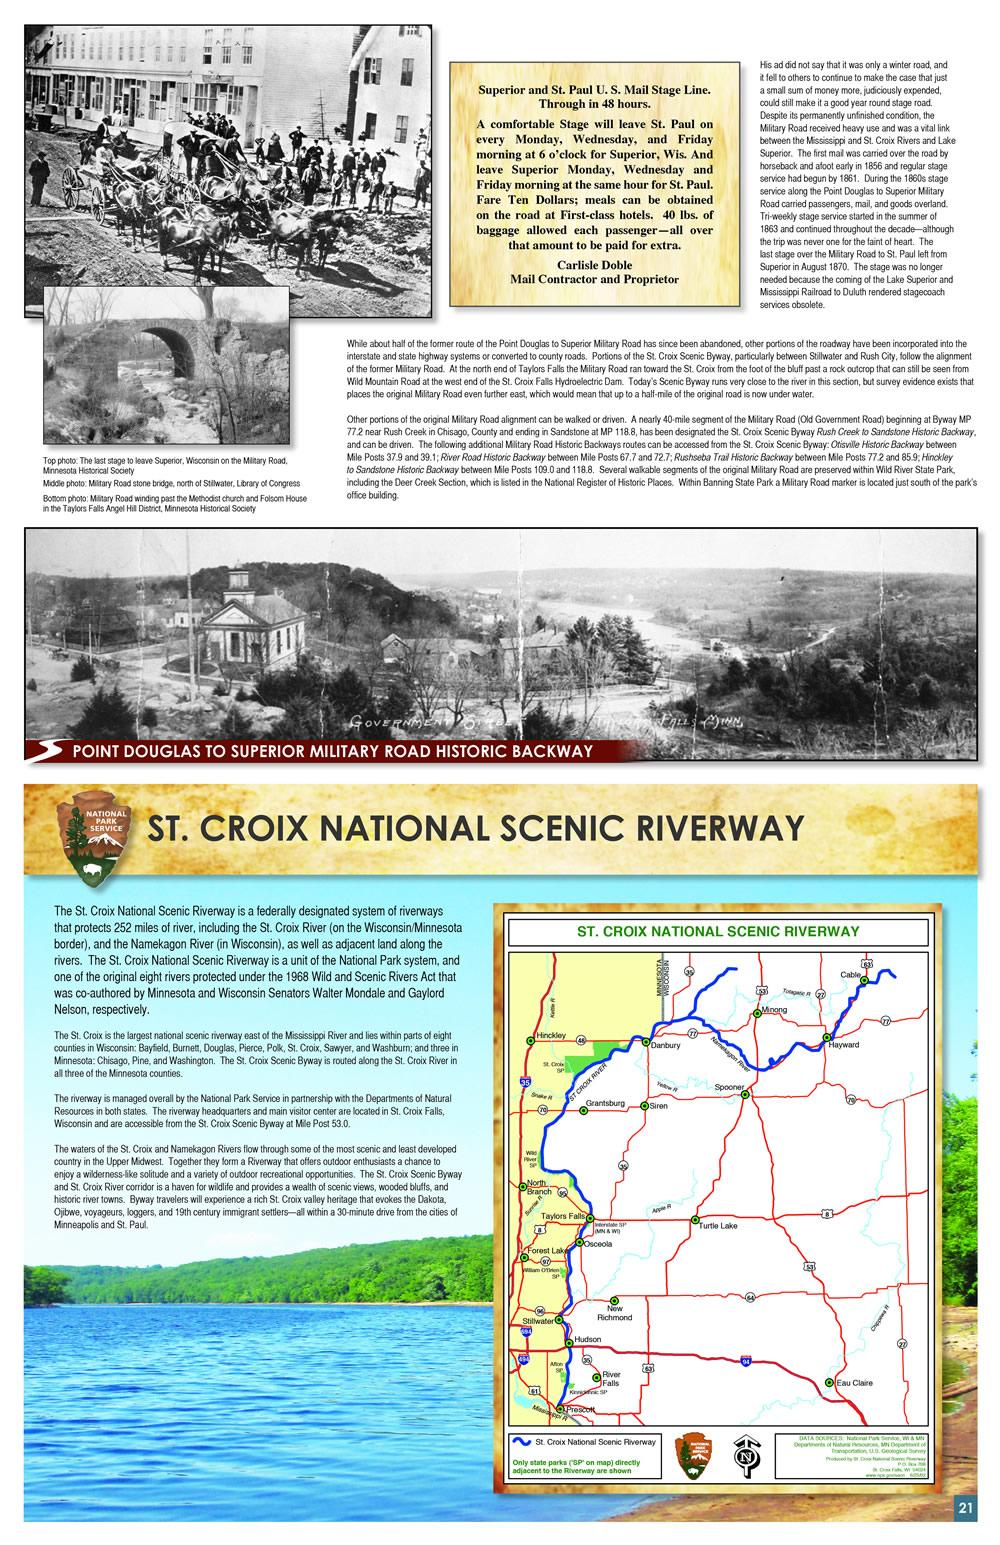 St. Croix Scenic Riverway